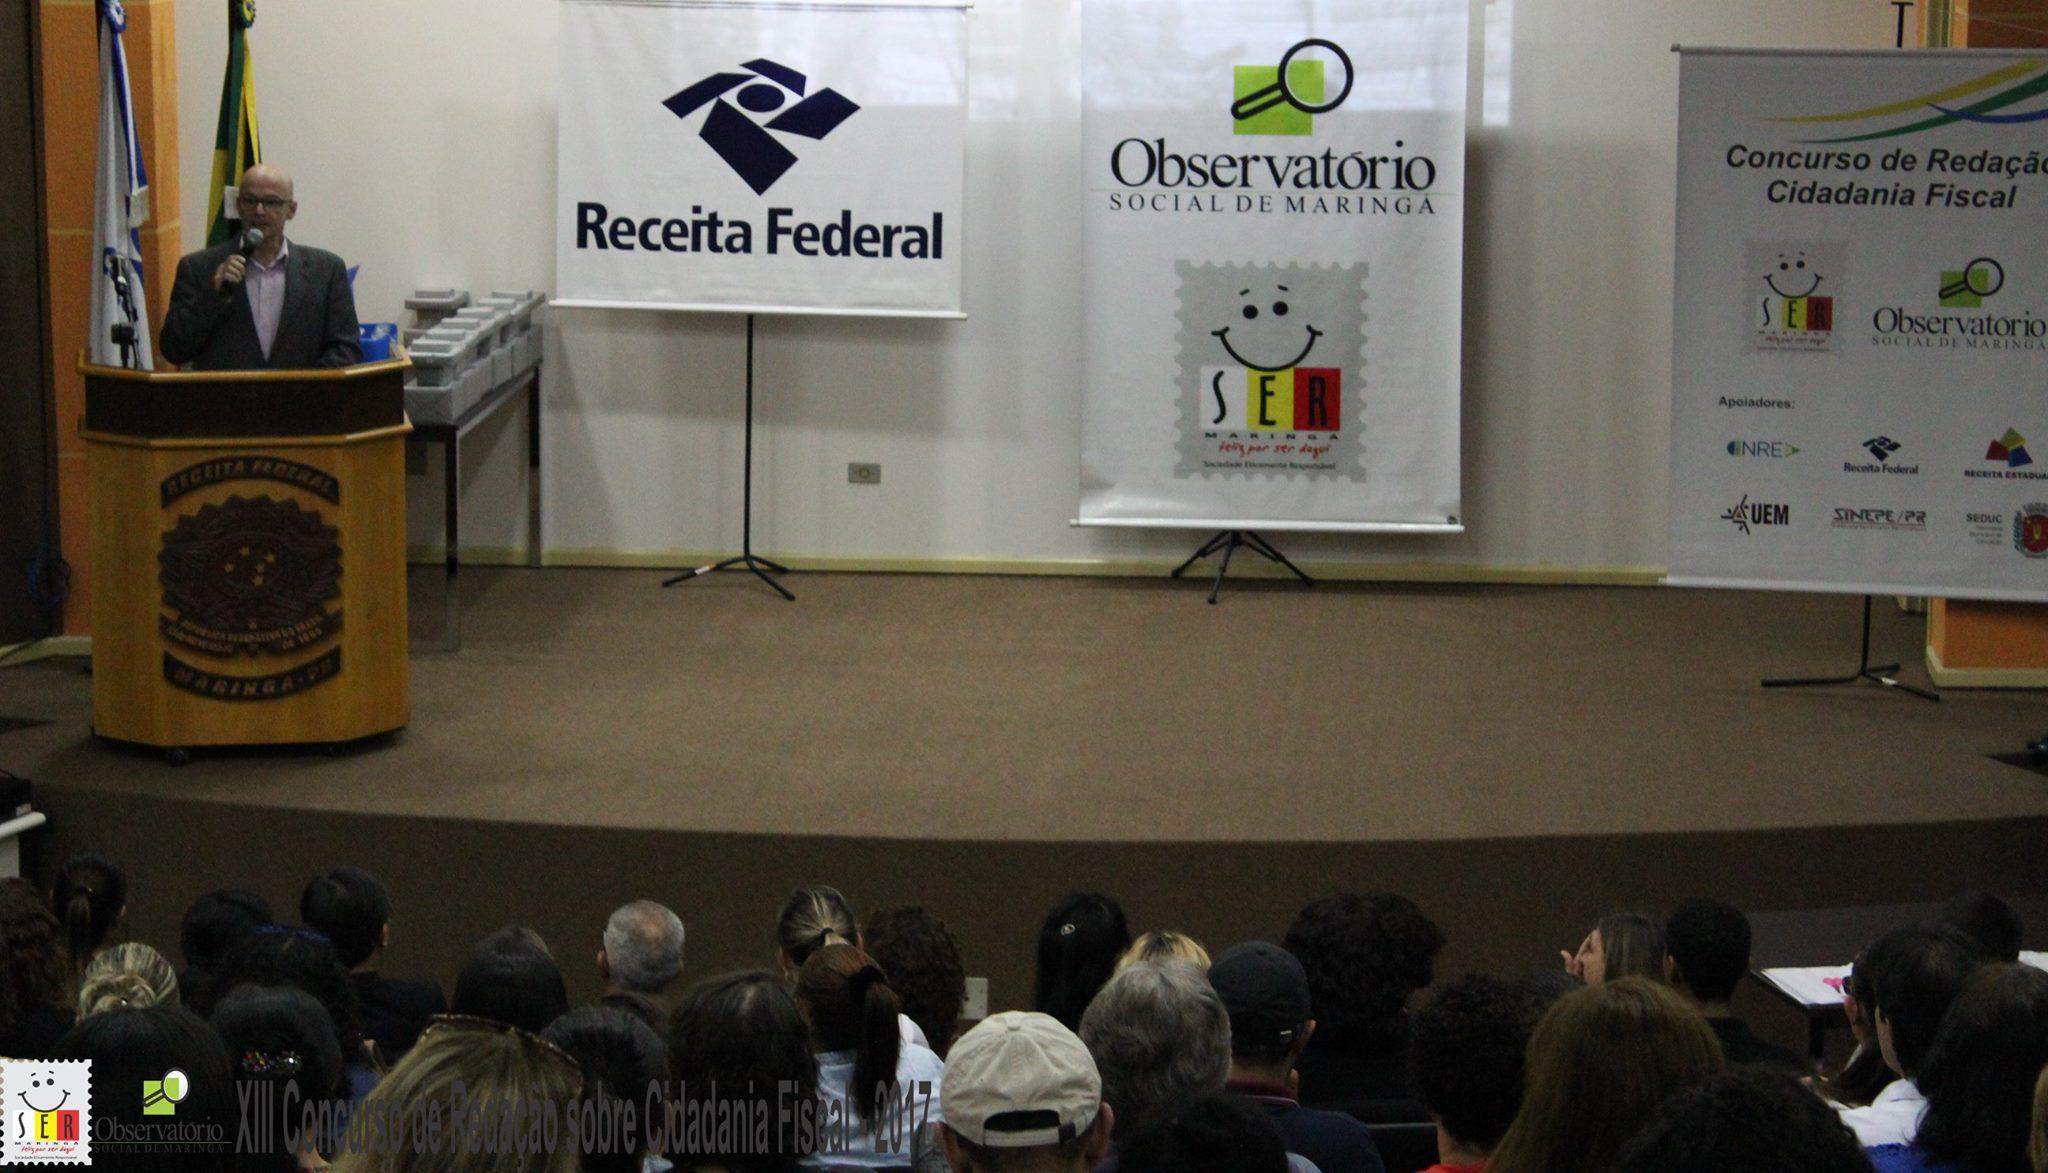 Premiação Do XIII Concurso De Redação Sobre Cidadania Fiscal 2017